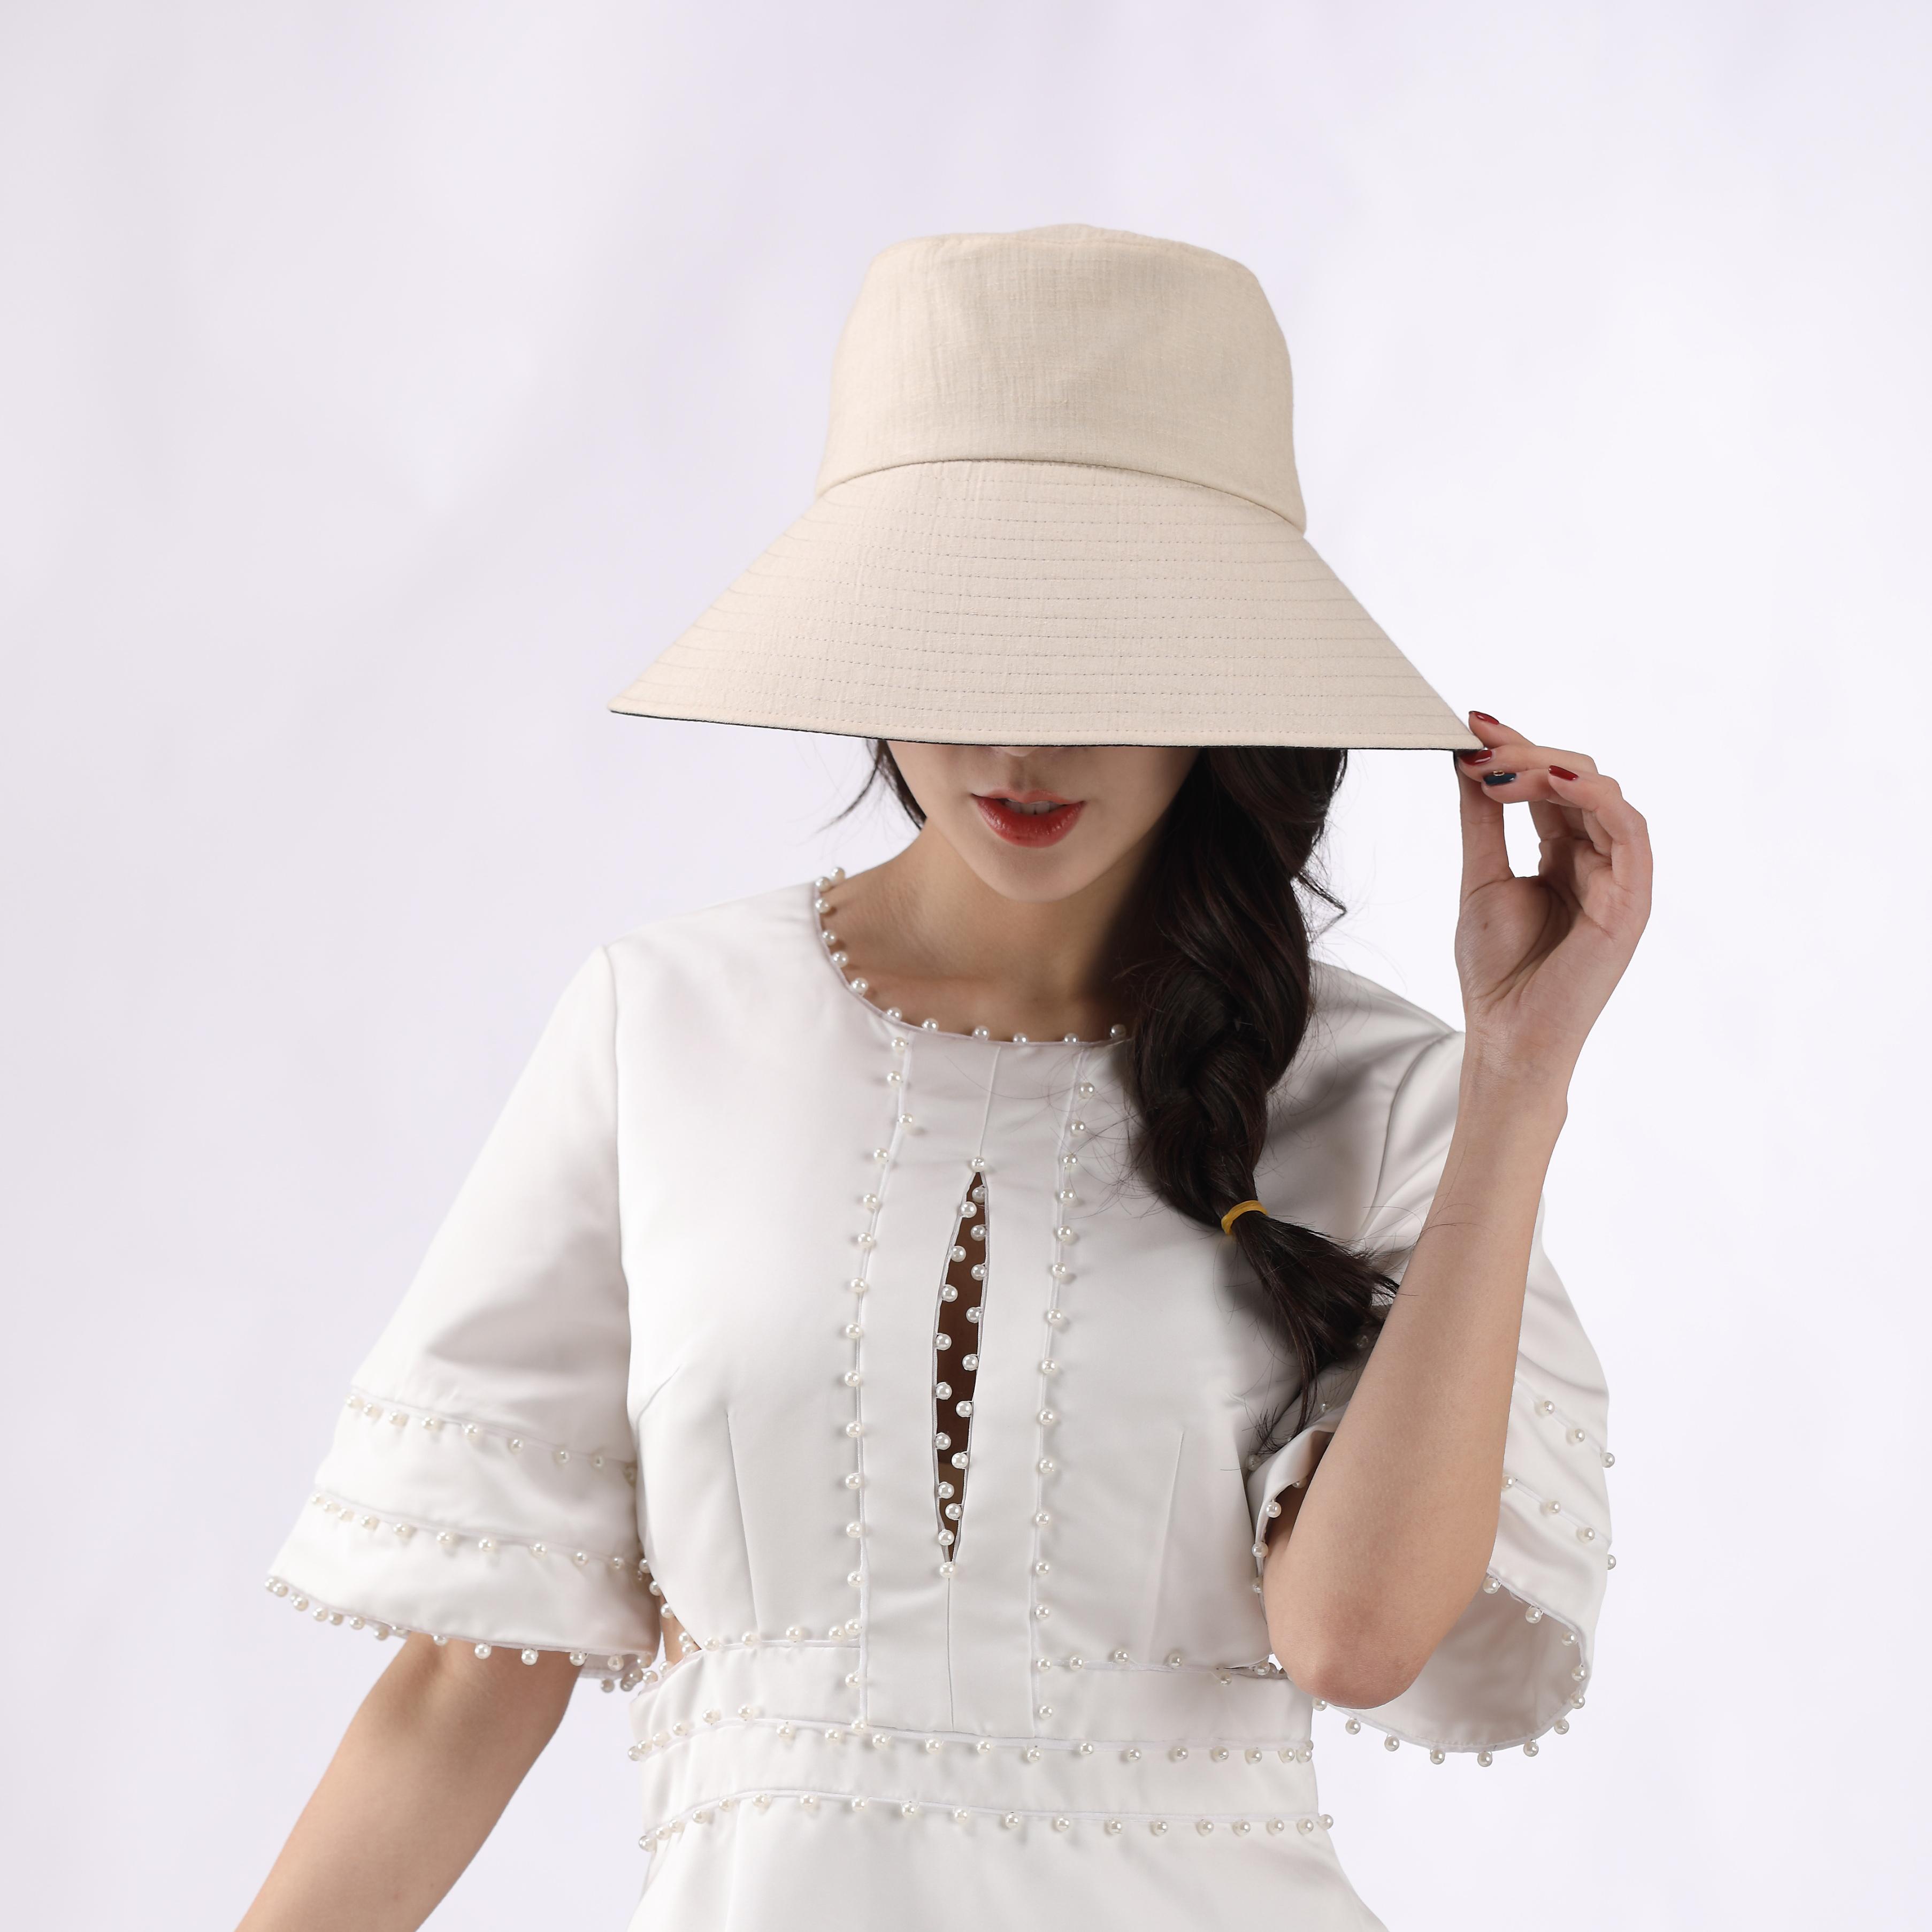 防紫外线太阳帽沙滩帽旅行帽黑色内里大帽沿女帽 夏季女士遮阳帽